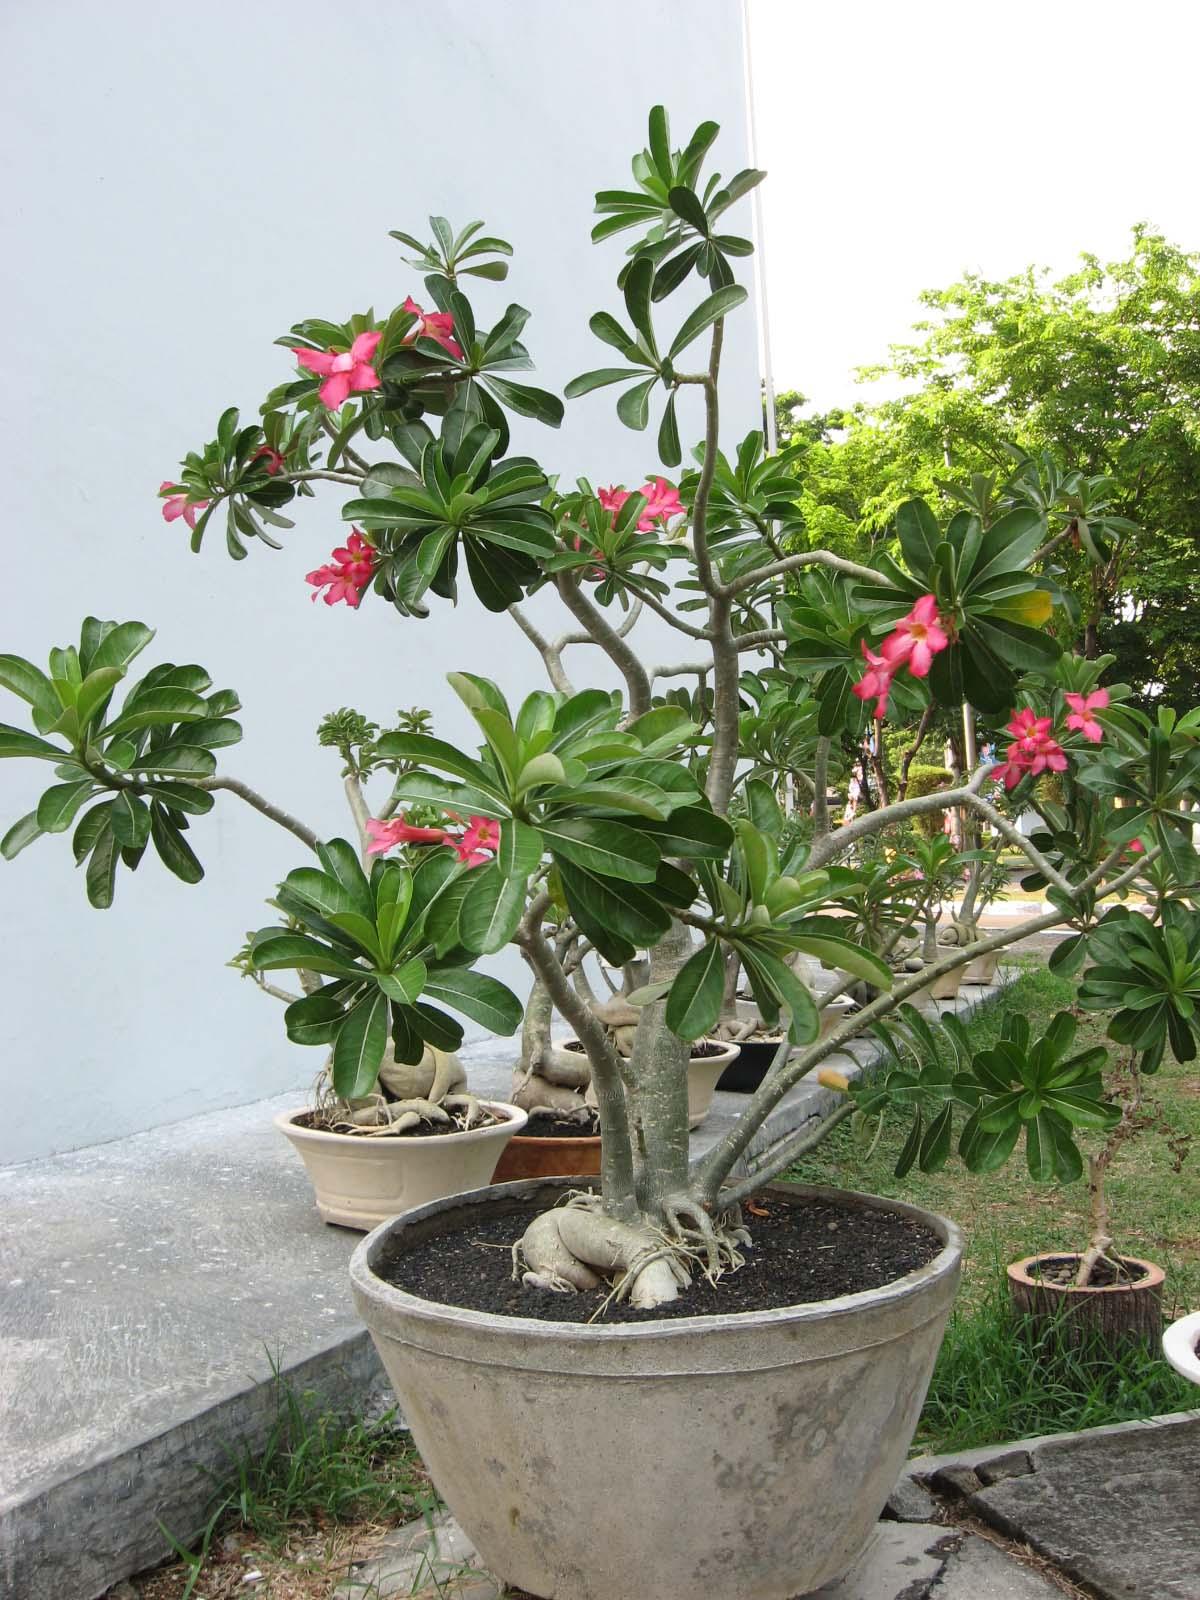 Nama latin adenium klasifikasi morfologi dan deskripsinya deskripsi morfologi tanaman adenium atau kamboja jepang adalah perdu batang tegak bulat bergetah hijau keputihan percabangan dikotomi ccuart Choice Image